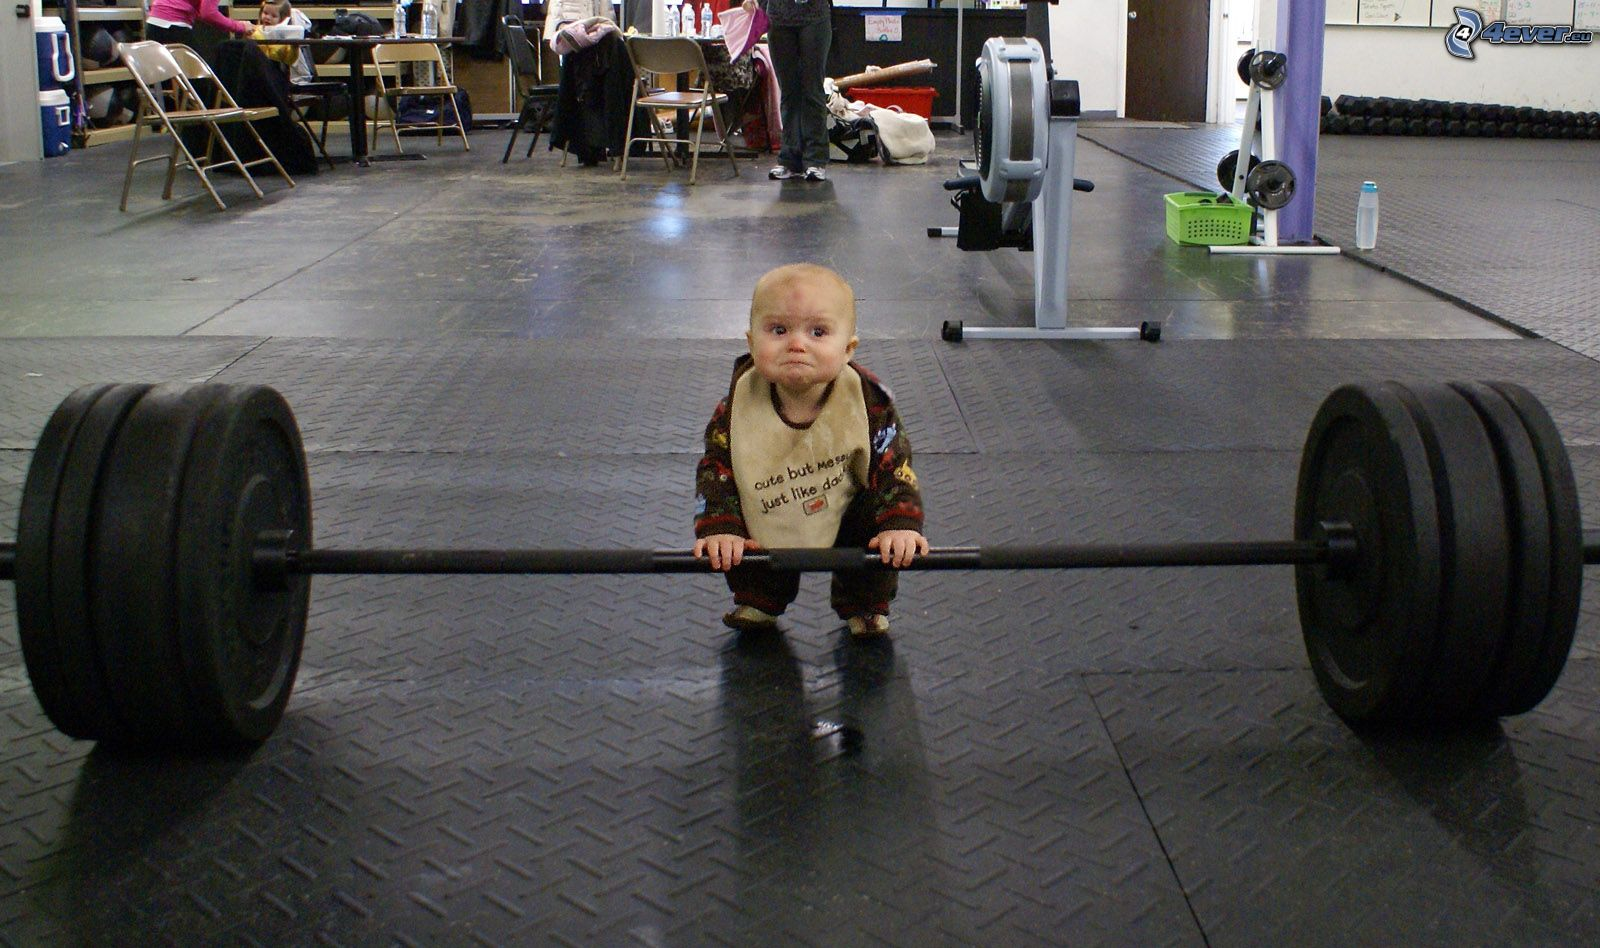 bambino, potenziamento muscolare, palestra 149578